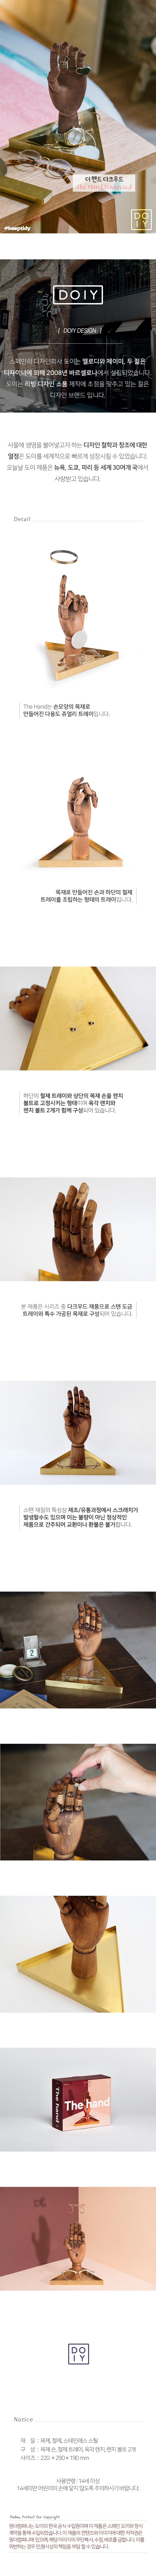 [도이] 핸드 주얼리 홀더 오거나이저 다크우드 - 원더스토어, 69,000원, 데스크정리, 다용도 홀더